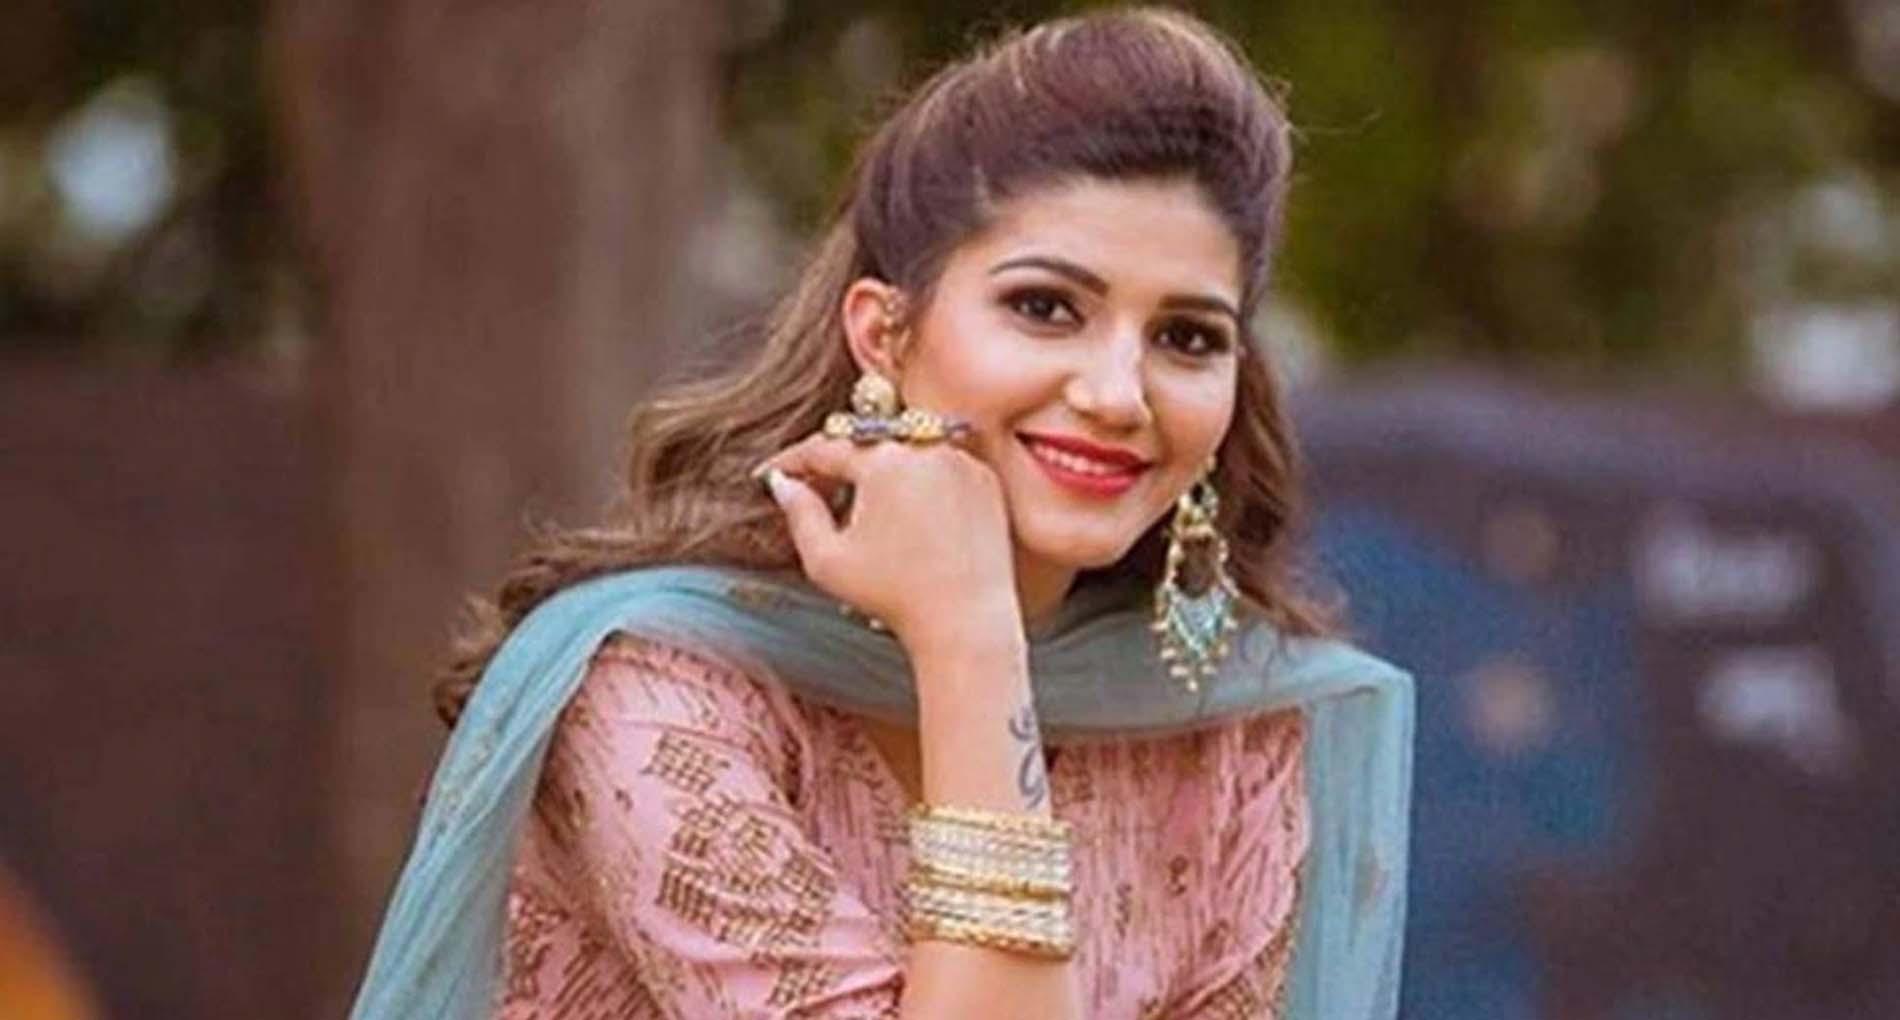 Sapna Choudhary Dance Video: सपना चौधरी का 'जबर भरोटा' डांस यूट्यूब पर उड़ा रहा है गर्दा!